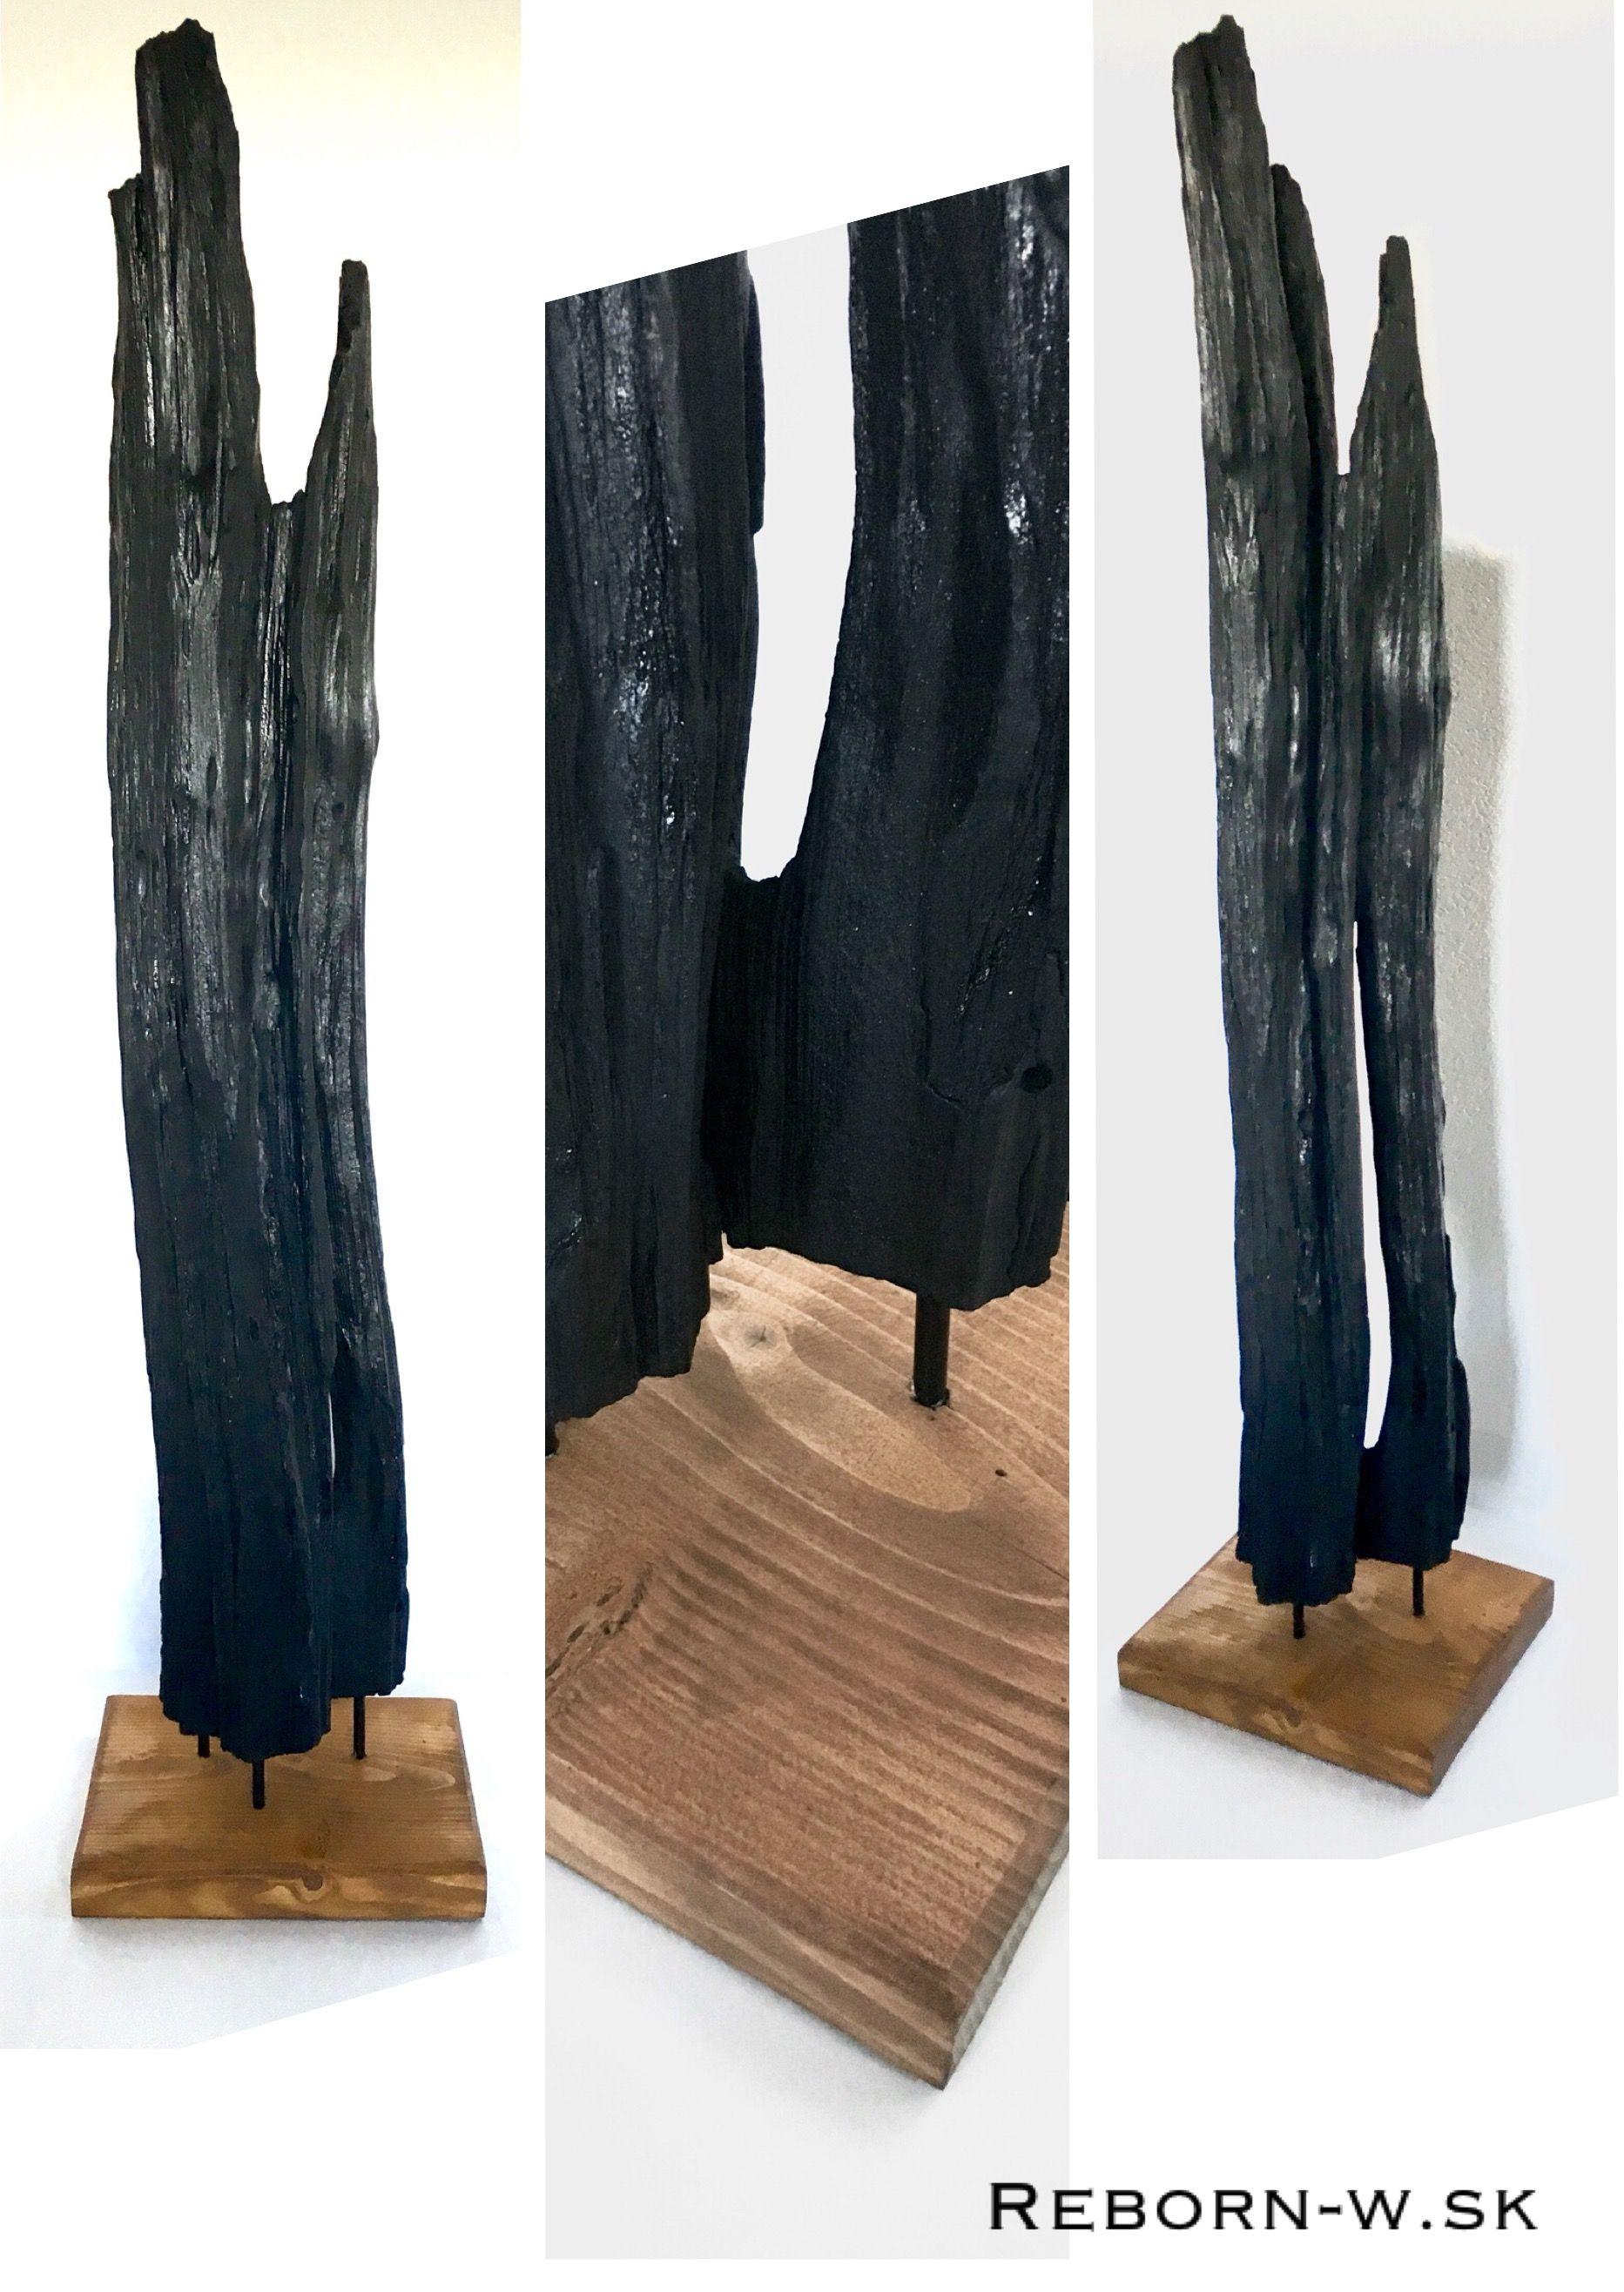 ‼️Ďalšia krásna ručne vyrobená drevená dekorácia zo starého dreva 🌲🔝👊🏽  Nechajte sa spolu s nami uniesť a inšpirovať krásou, ktorú pre nás vytvorila príroda. 🍀🌸💚  http://reborn-w.sk/sculptures/20-drevena-dekoracia-brownie.html  #woodsculptures #handmade #decoration #wooddesign #returntuthenature #bedifferent #oldwood #home #living #rebornwsk